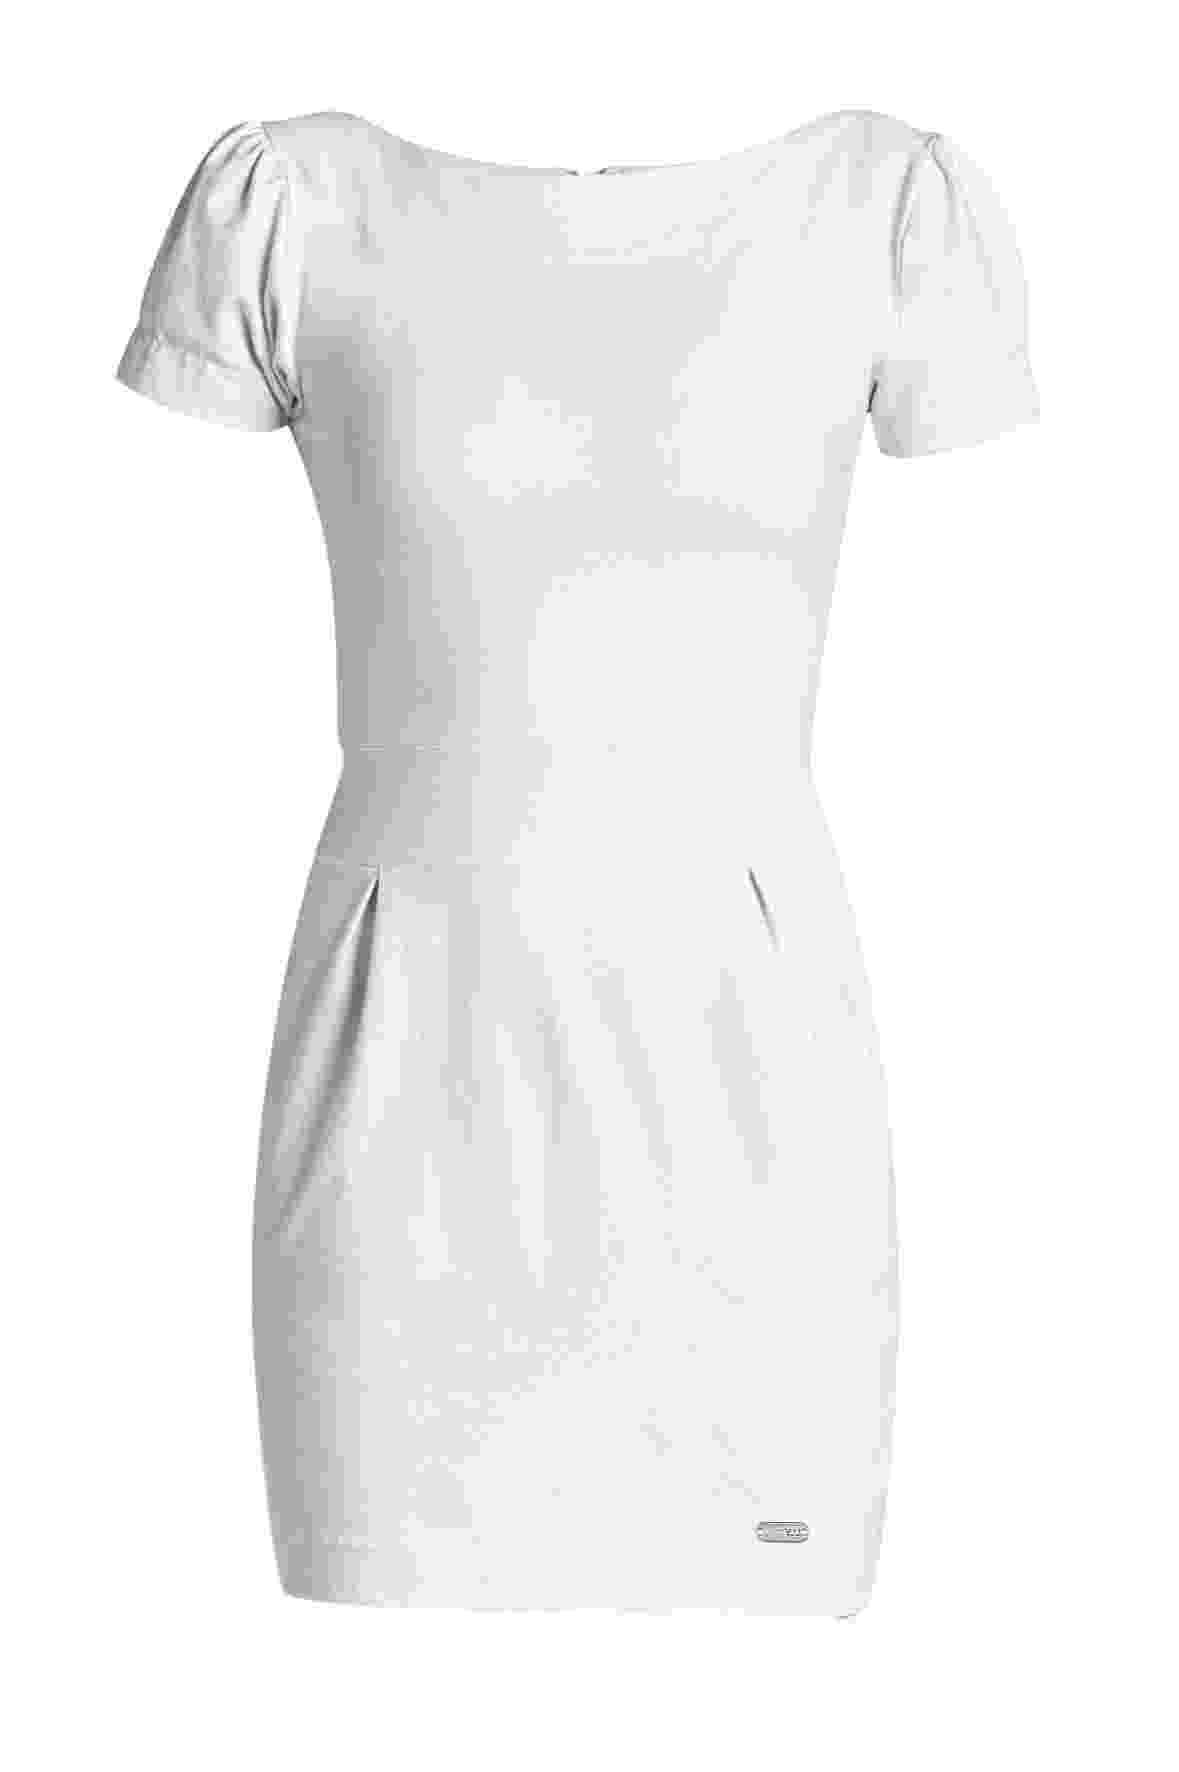 Vestido de algodão com pregas; R$ 69,99, da Quintess para Posthaus.com (www.posthaus.com.br) Preço pesquisado em dezembro de 2013 e sujeito a alterações - Divulgação